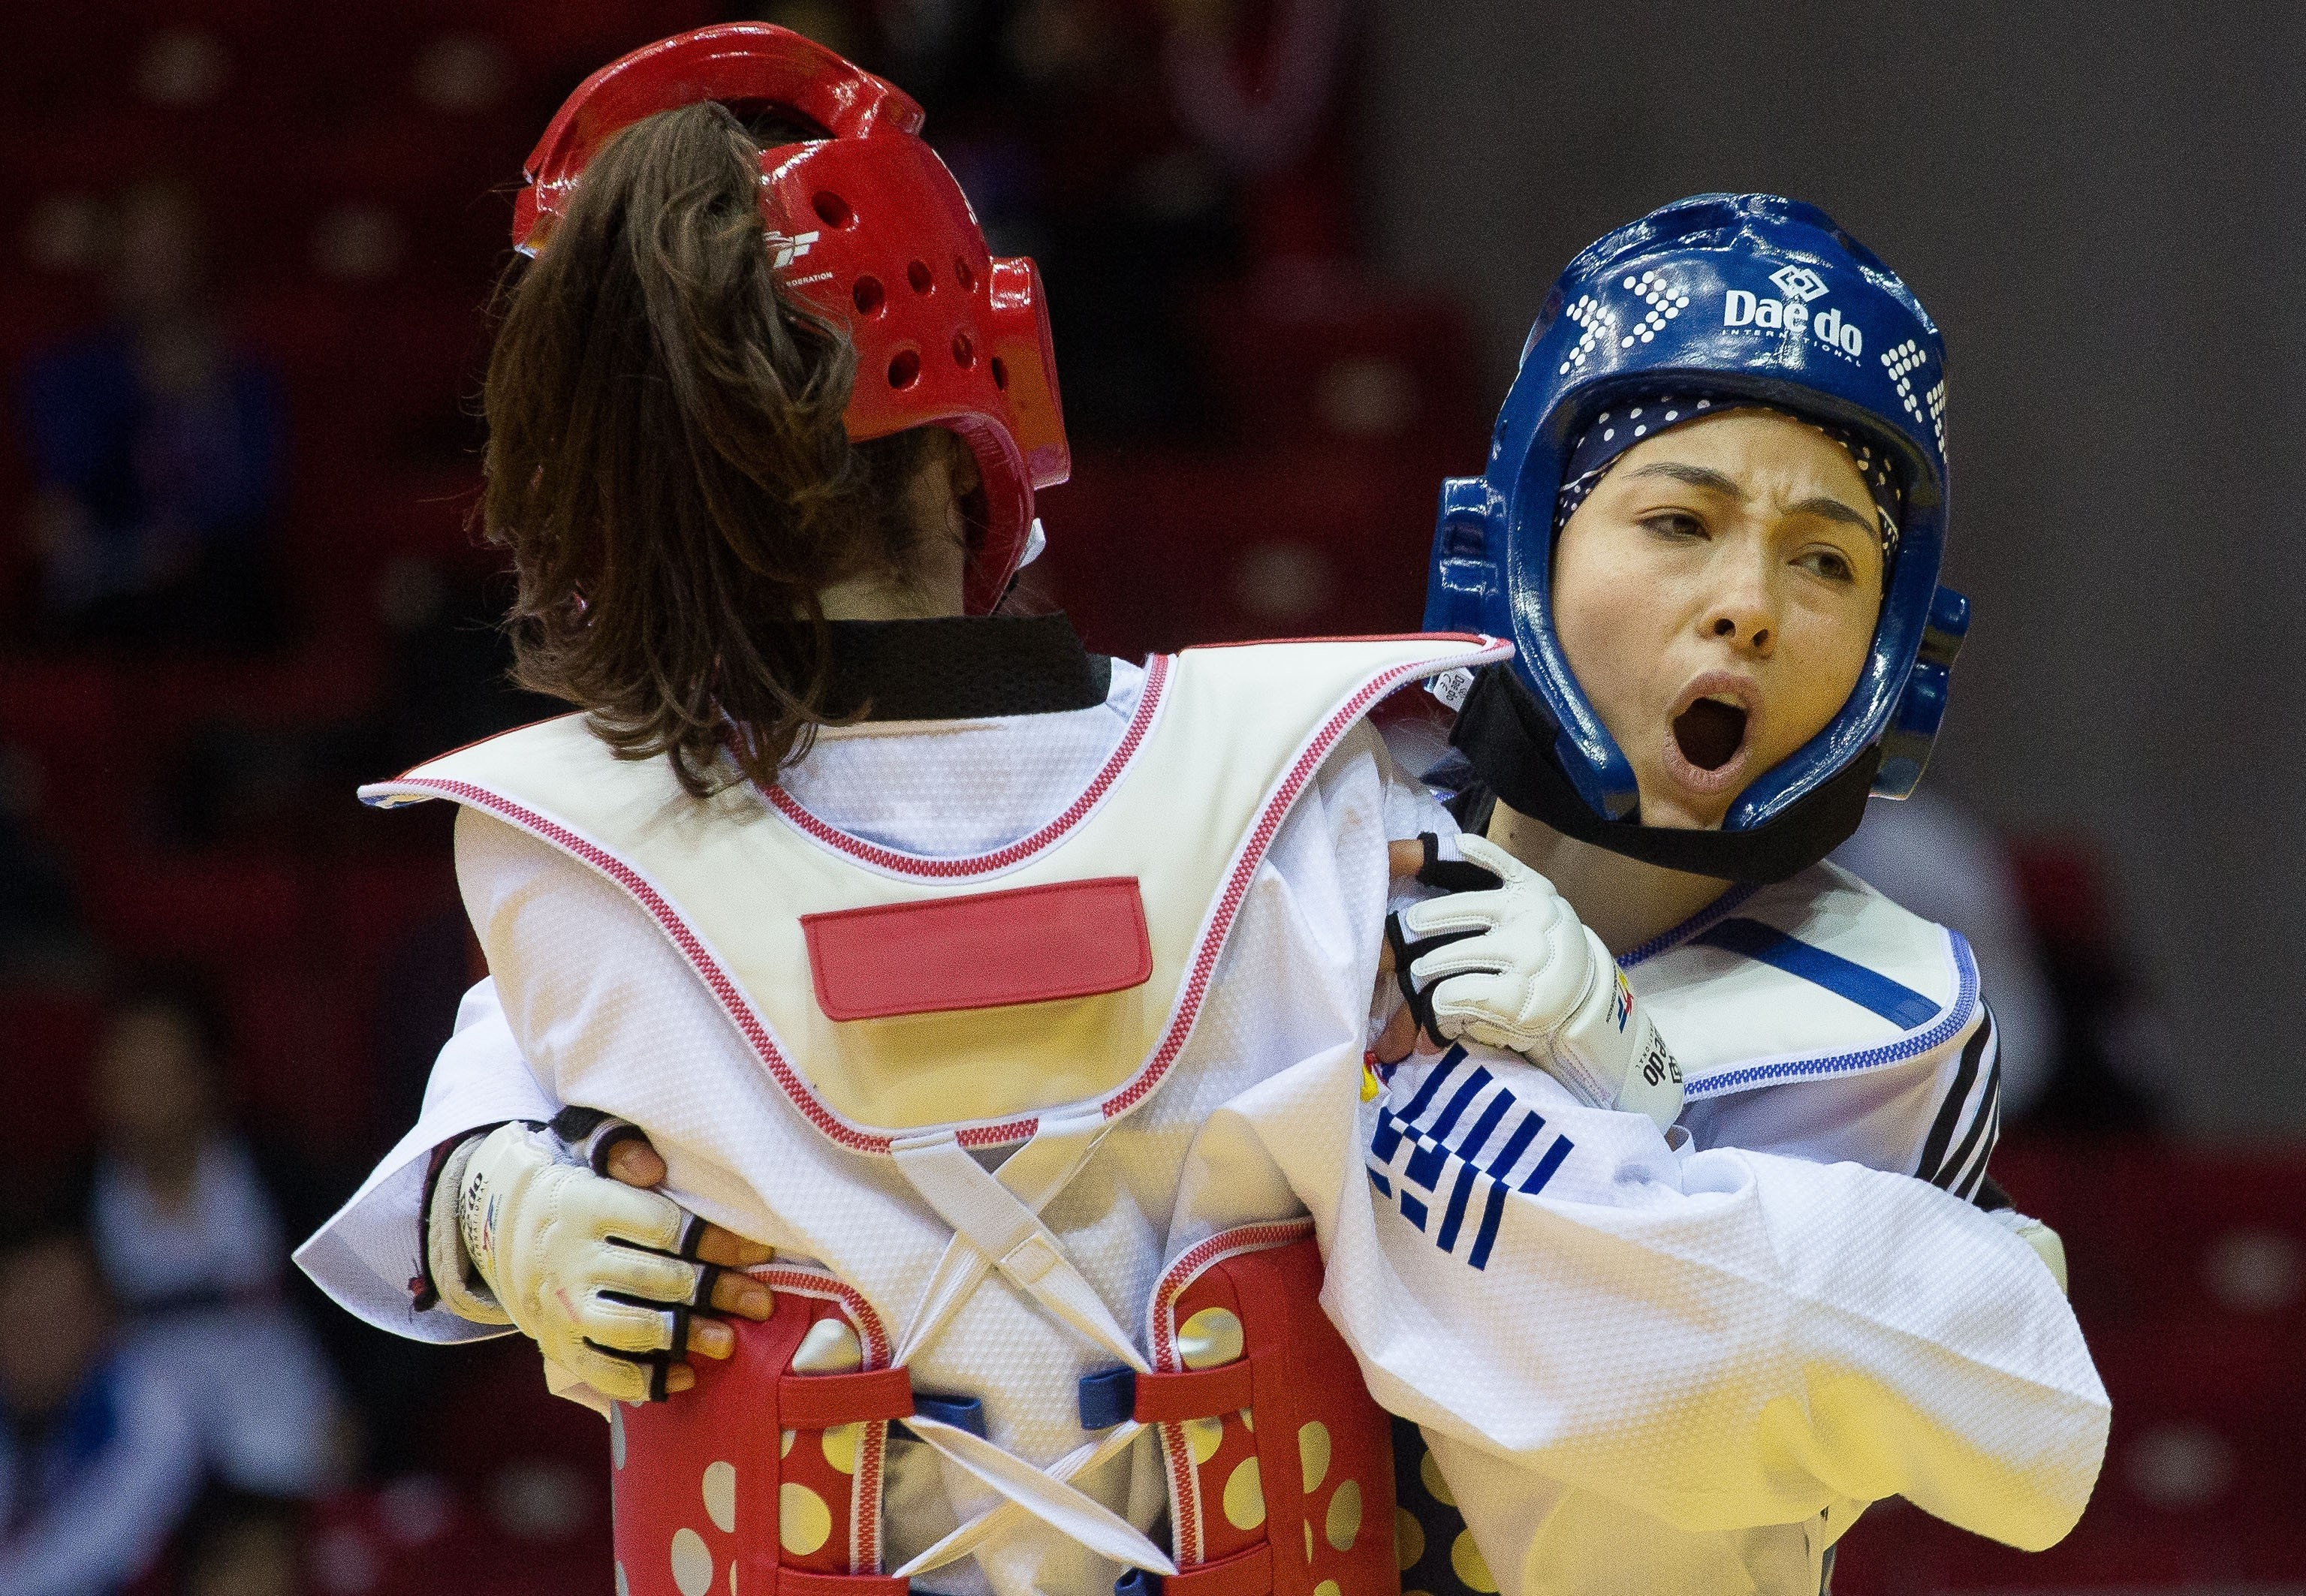 A Taekwondo Világszövetség megunta, hogy mindenki rajtuk röhög, ezért nem használják többé a WTF rövidítést